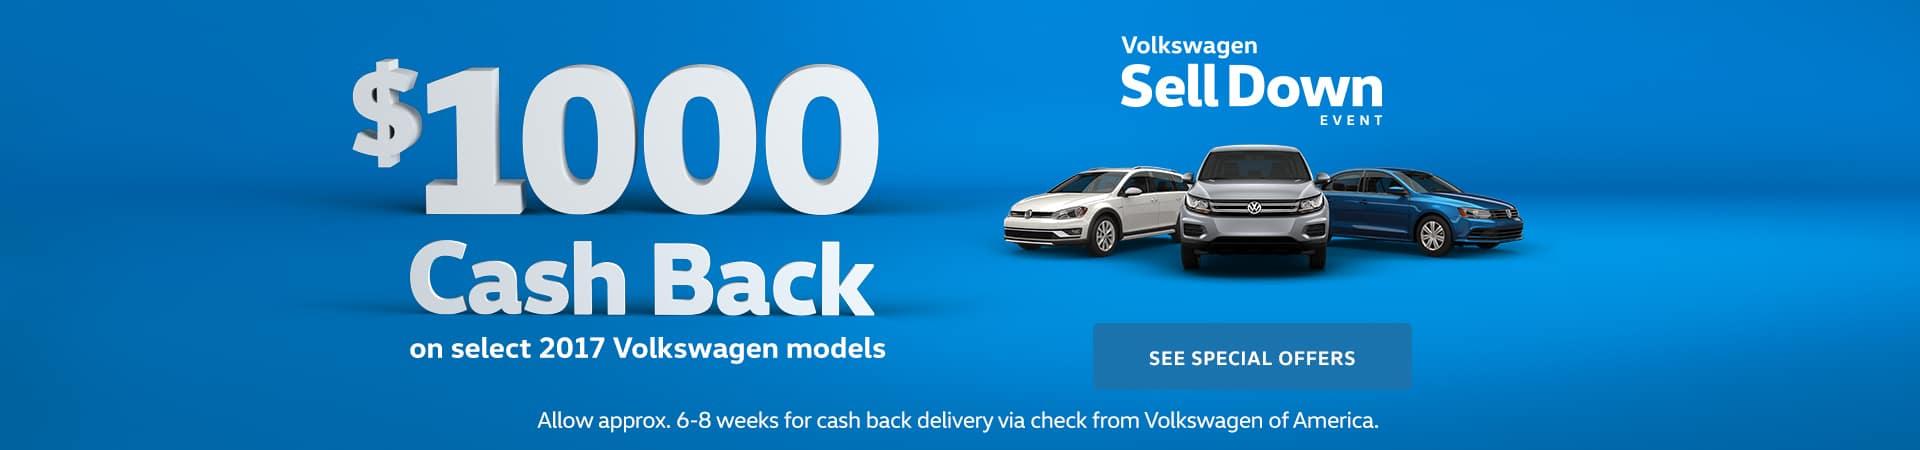 Larry Roesch Volkswagen | Volkswagen Dealer in Bensenville, IL